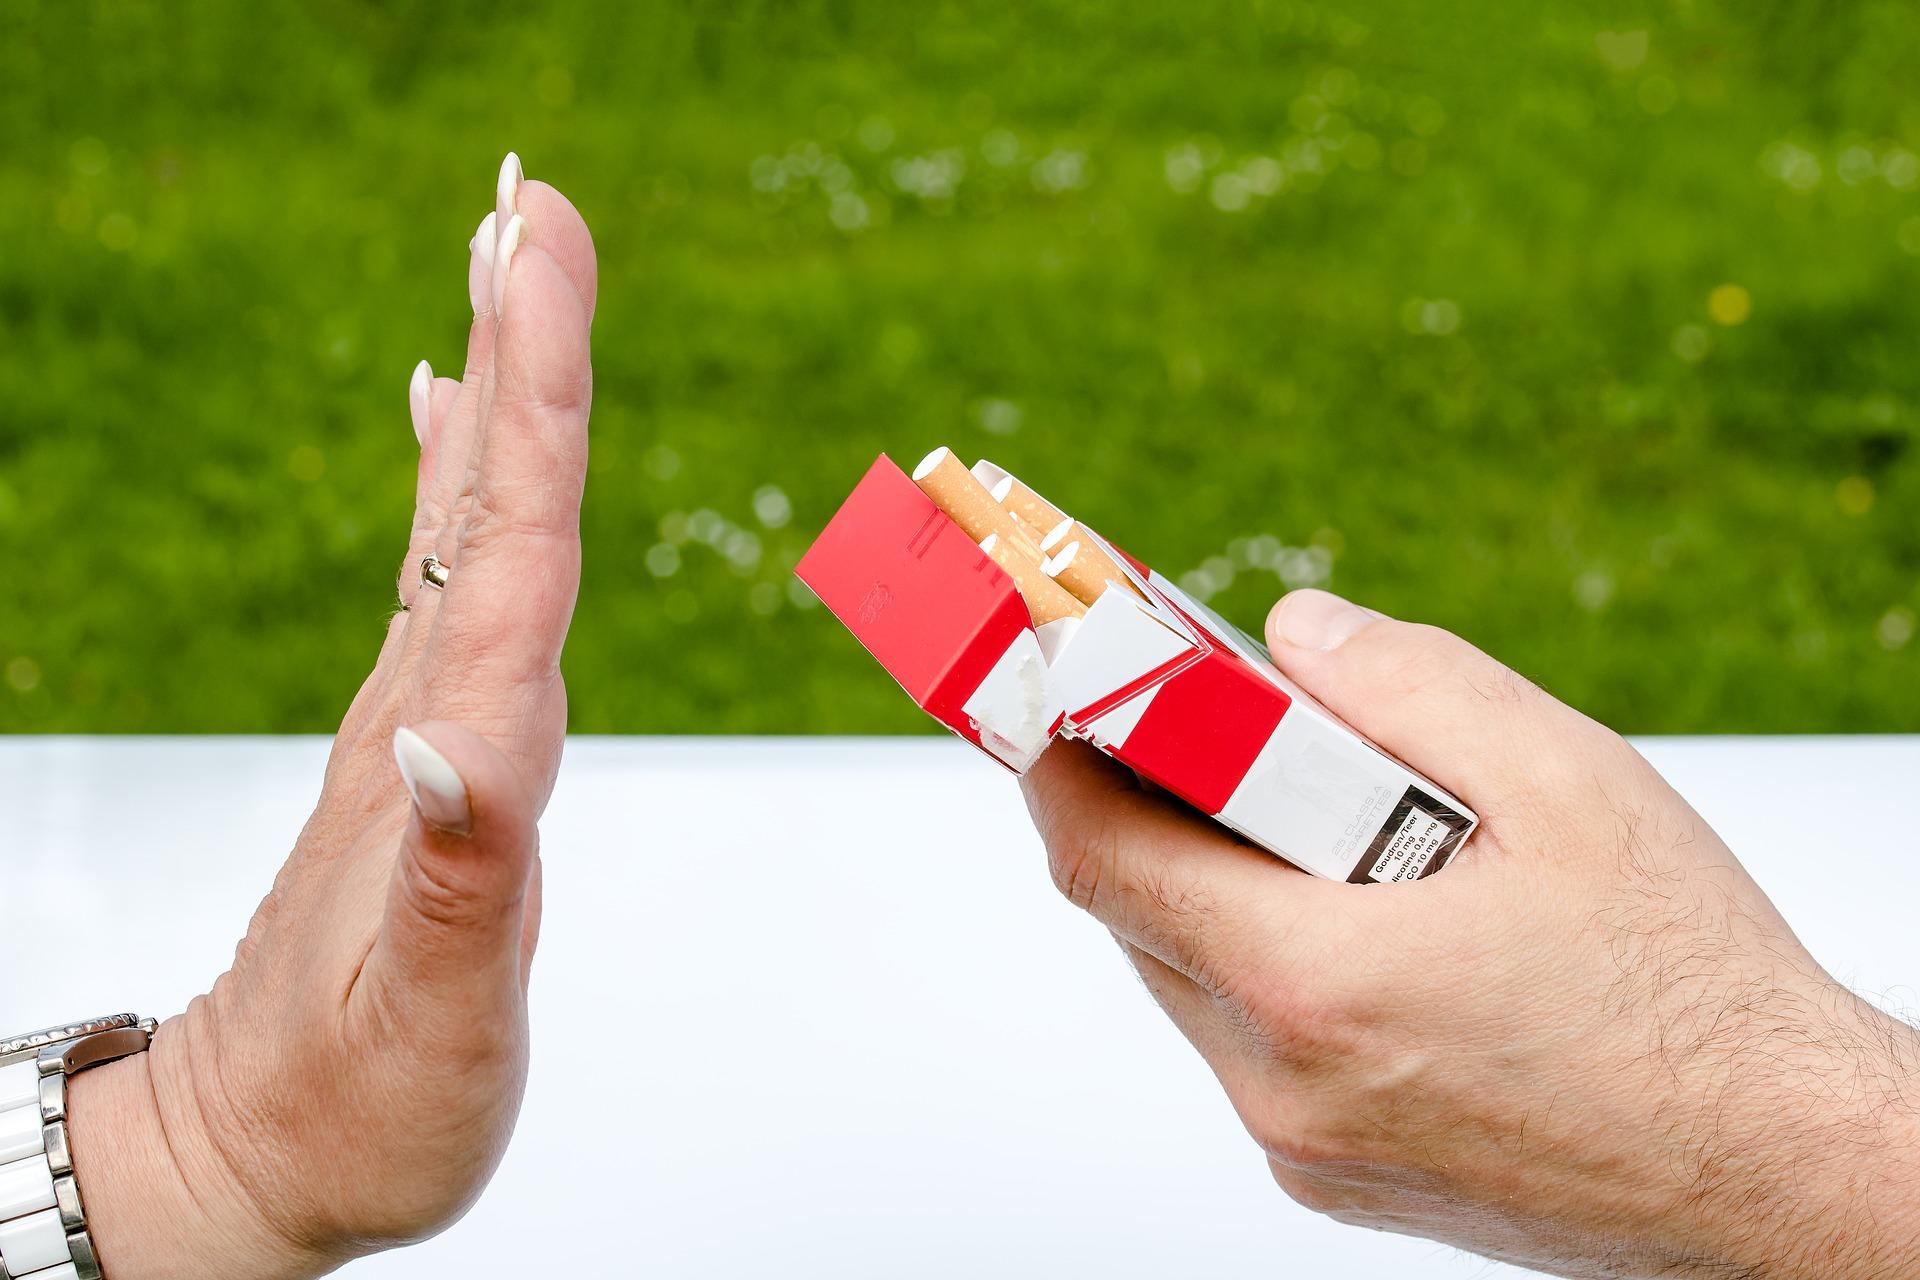 Cele mai frecvente scuze pe care le găsesc fumătorii când vine vorba de viciul lor preferat. Un cunoscut psiholog atenționează: Lipsa iubirii ne facem să fumăm mai mult